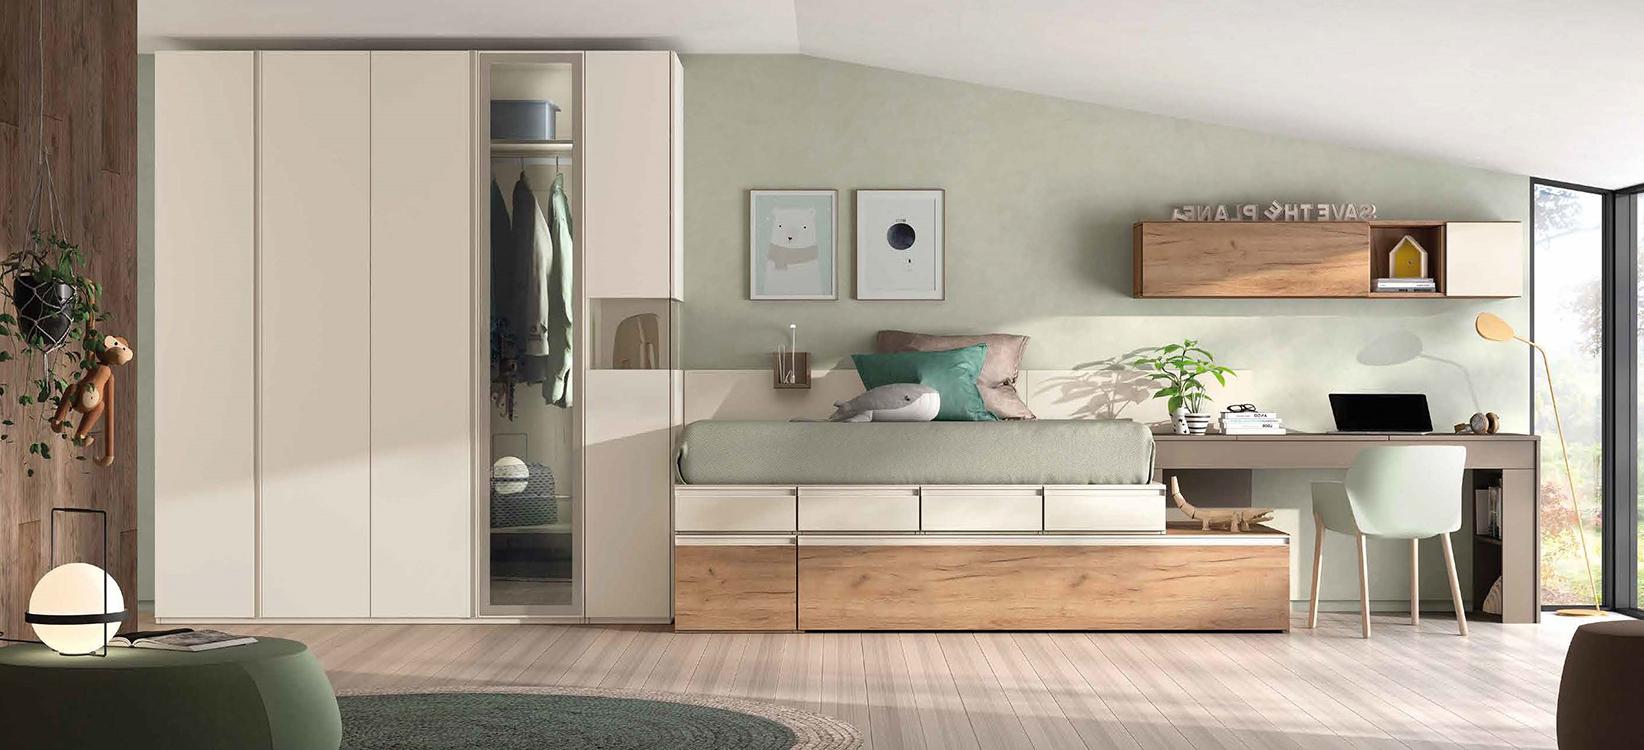 Comprar dormitorios infantiles for Muebles modulares juveniles